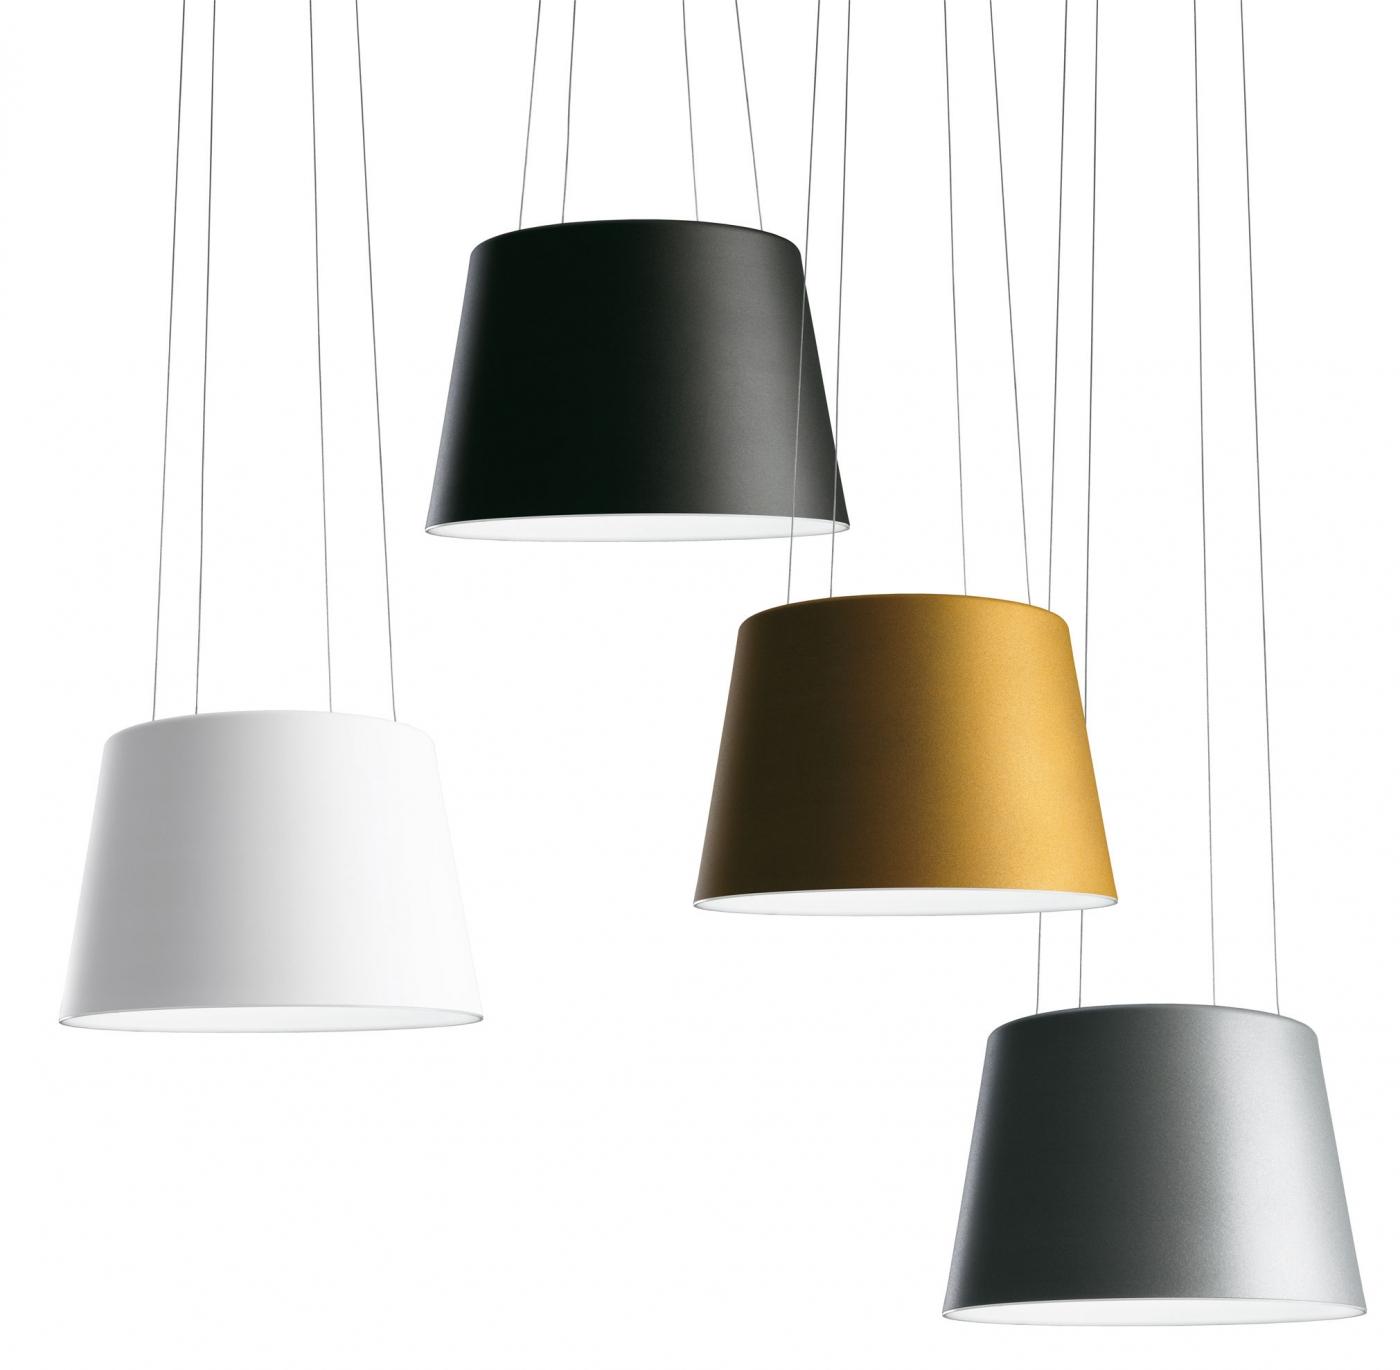 Aurea | FONTANA ARTE (ILLUMINAZIONE) | LAMPADE A SOSPENSIONE